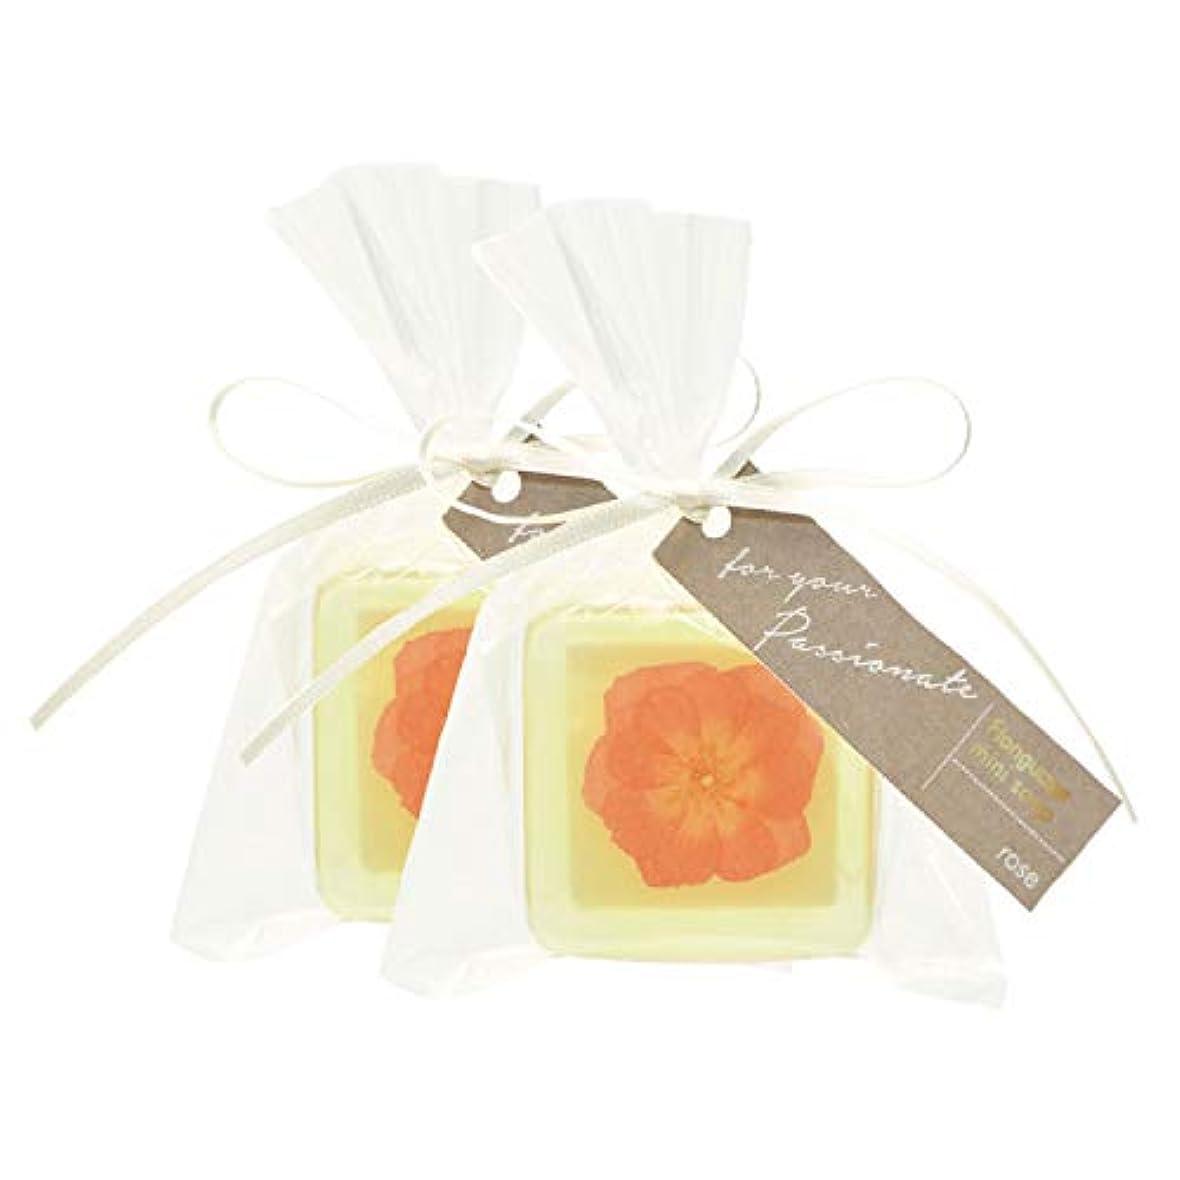 矛盾する細胞闇ノルコーポレーション ソープJスクエア 石鹸 柑橘 セット 52g×2個